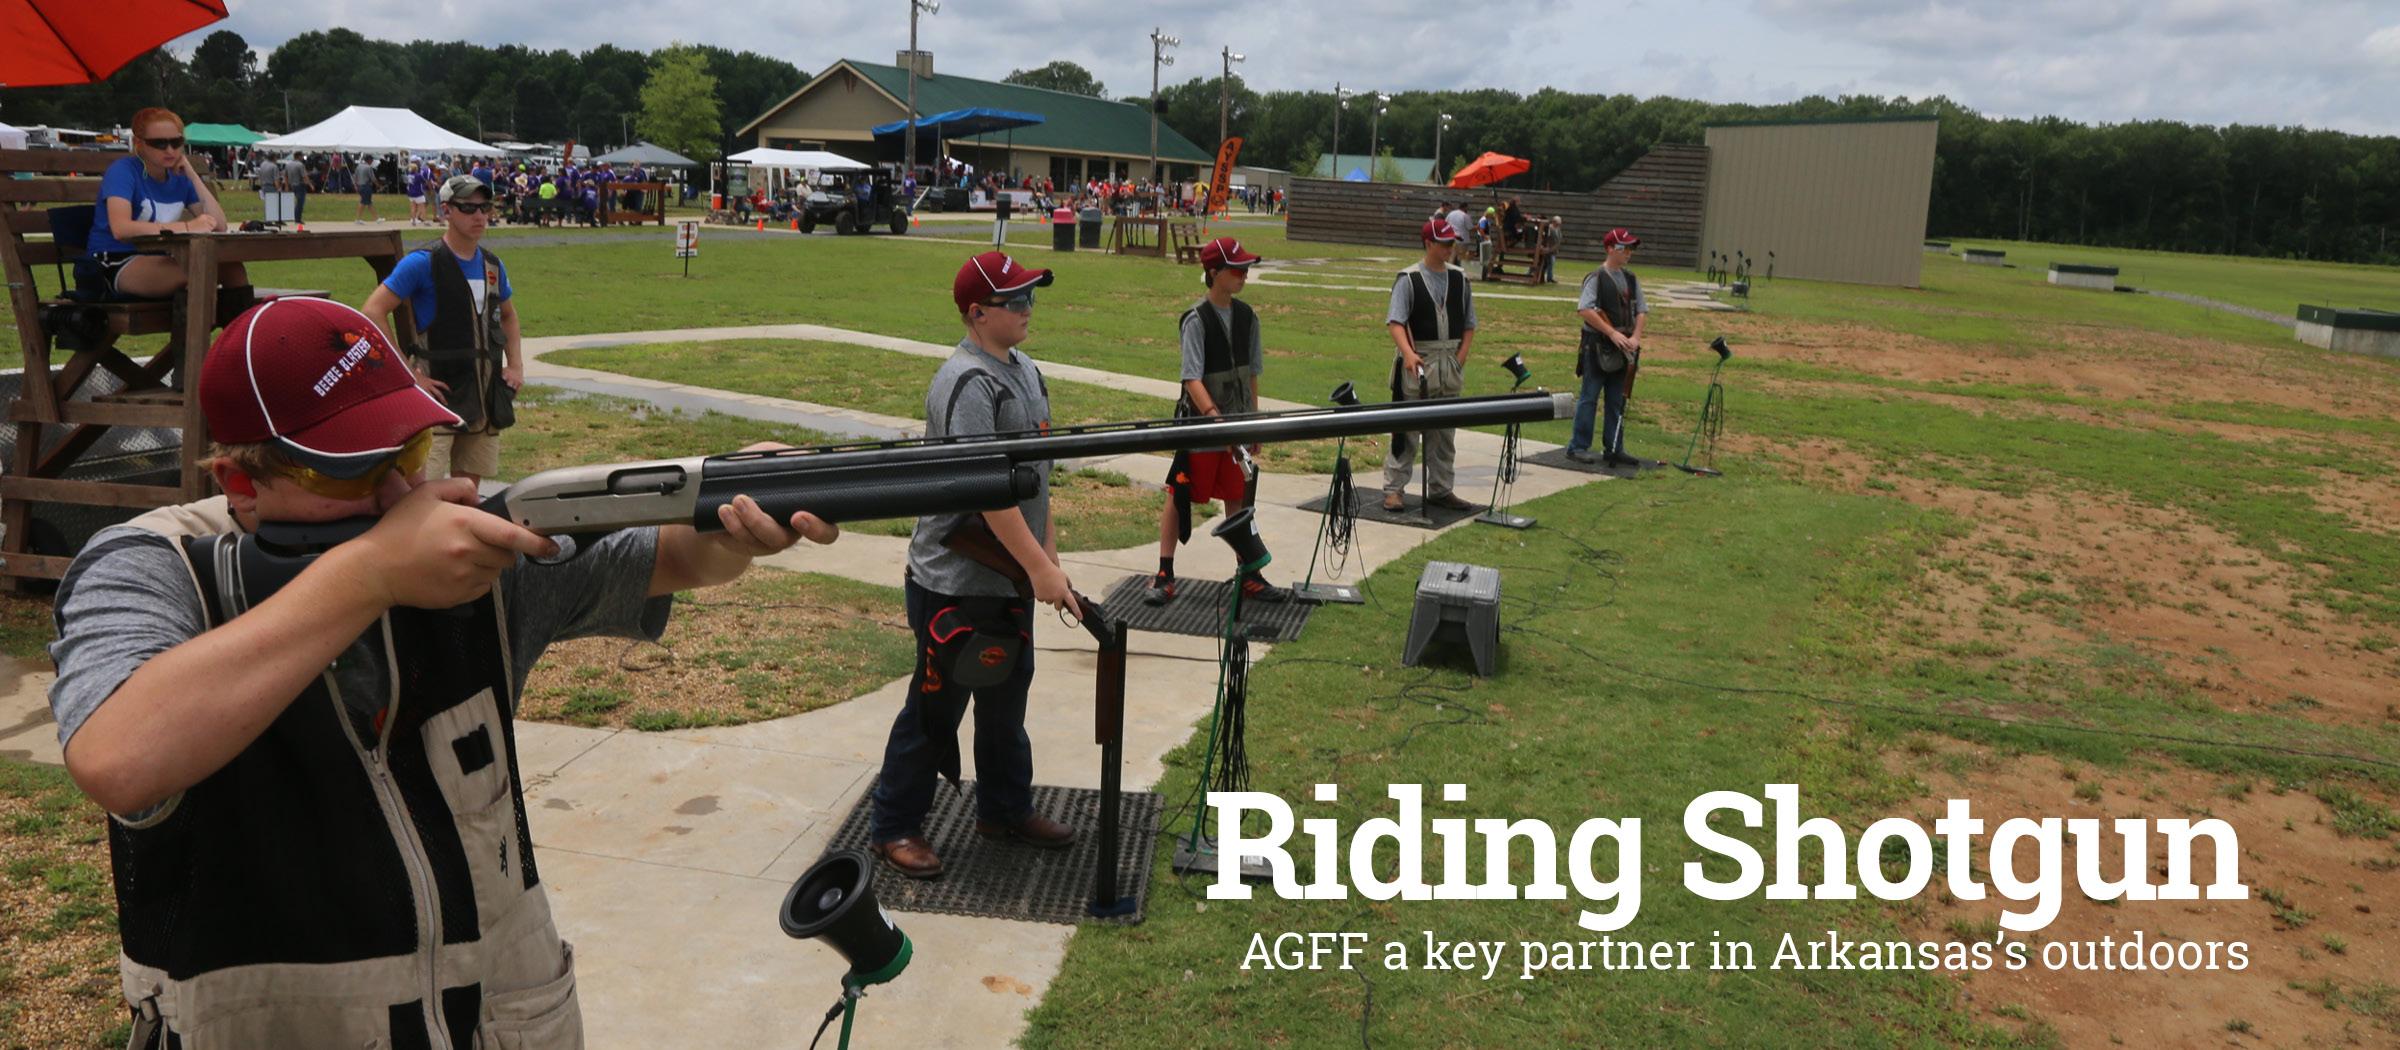 riding shotgun 2.jpg